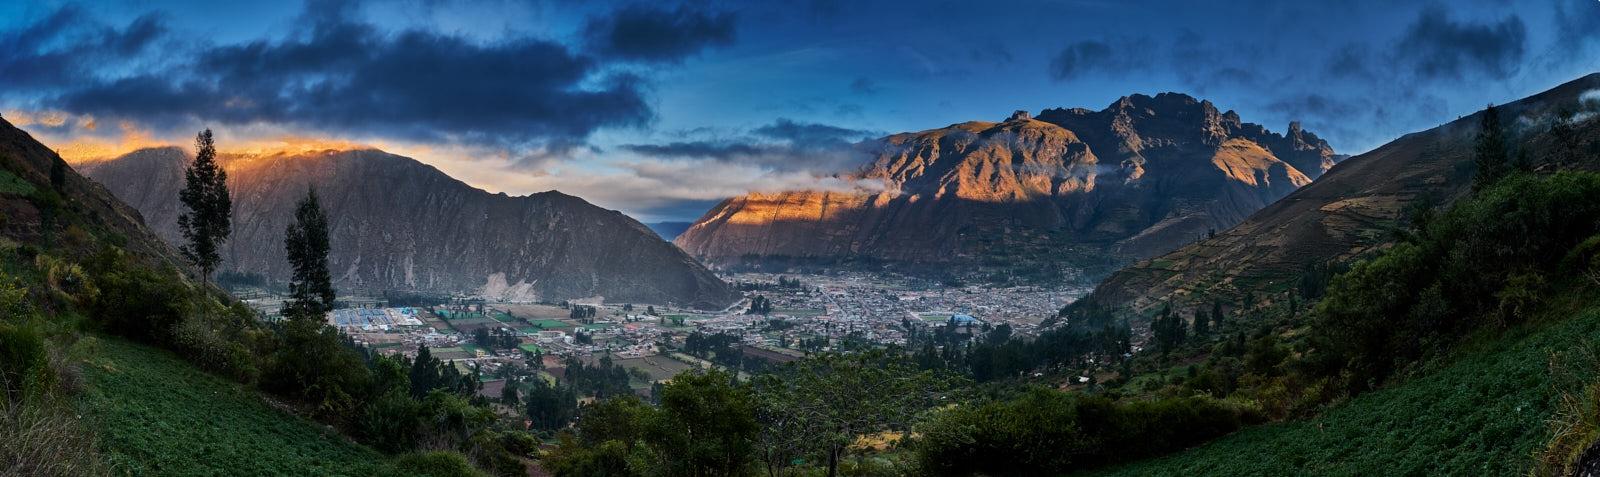 Sunrise over Calca, Peru.